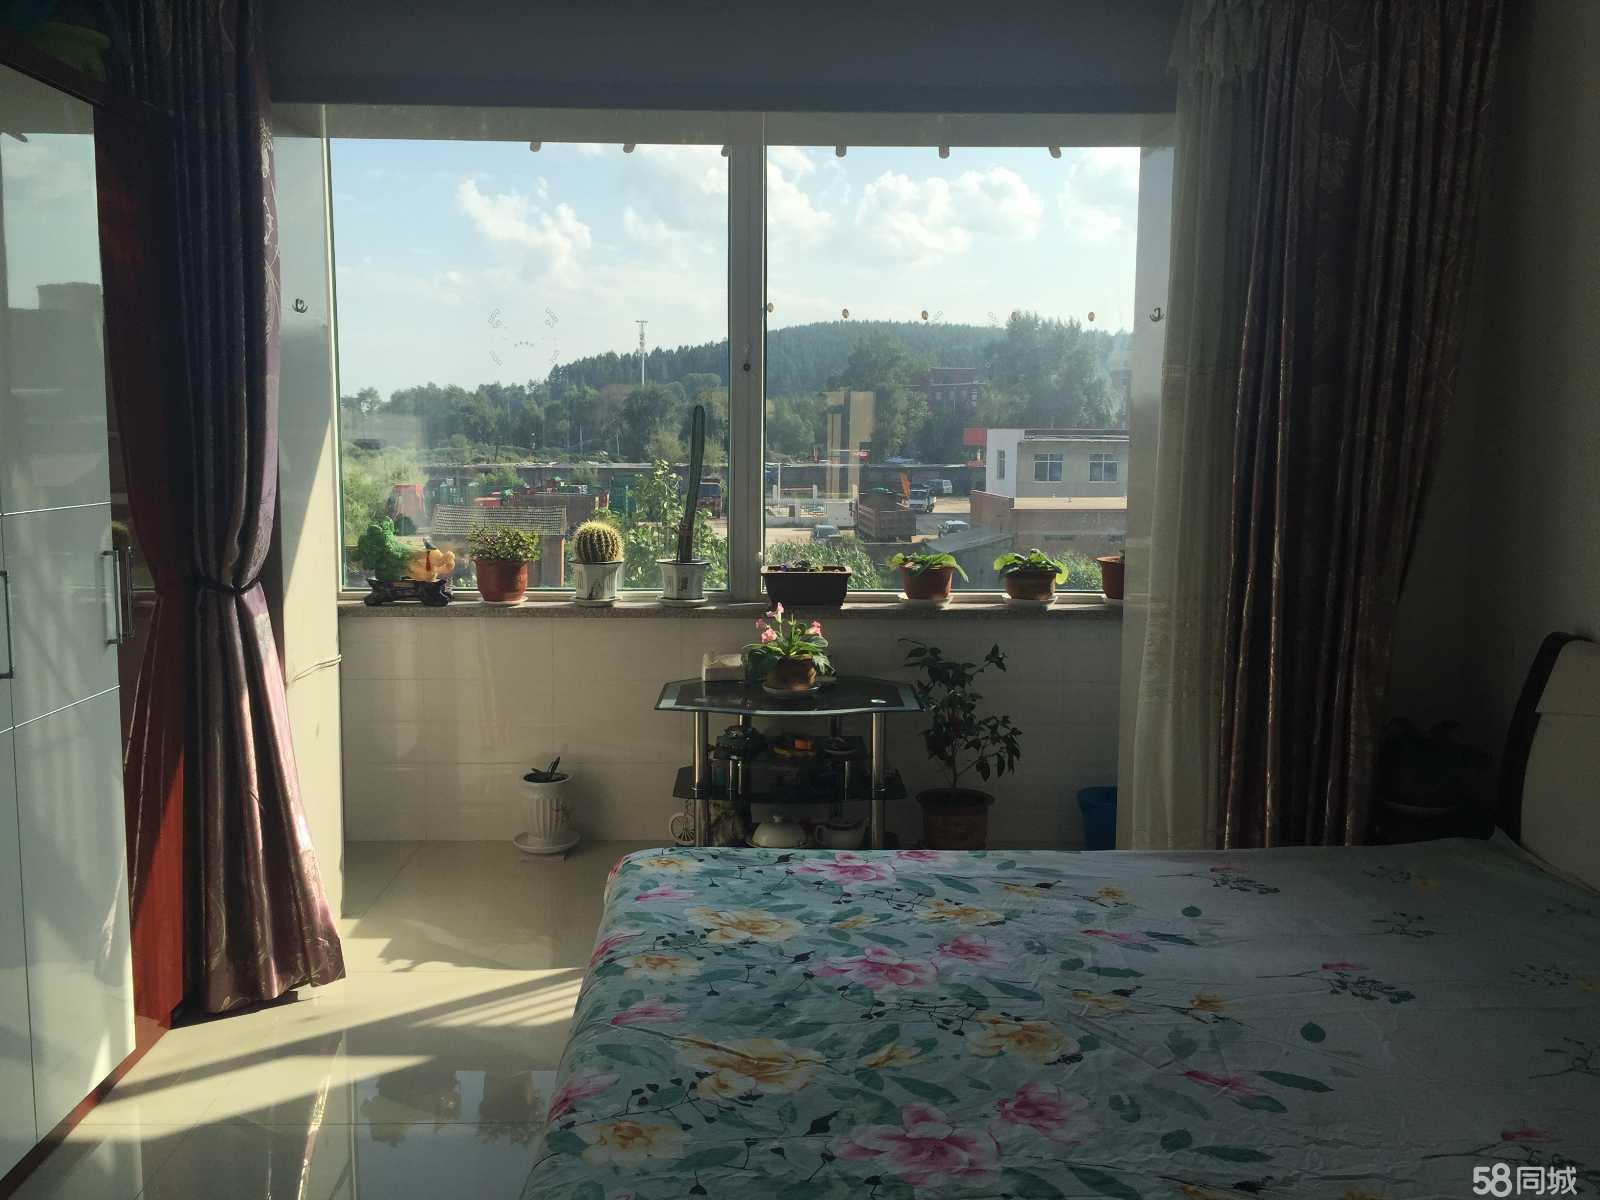 威尼斯人线上官网兴达华丽家园1室1厅1卫51平米